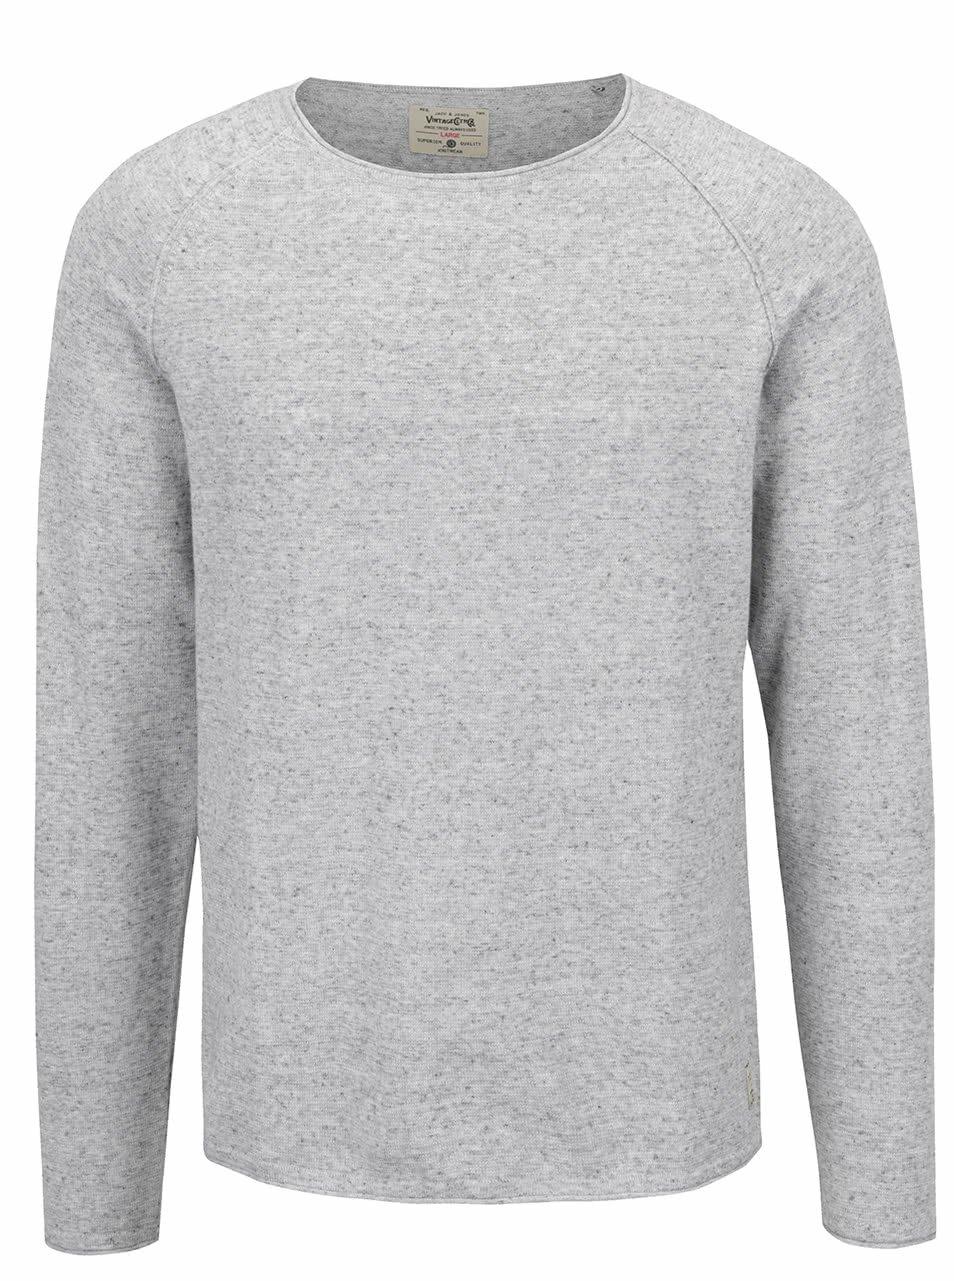 Světle šedé žíhané tričko Jack & Jones Union